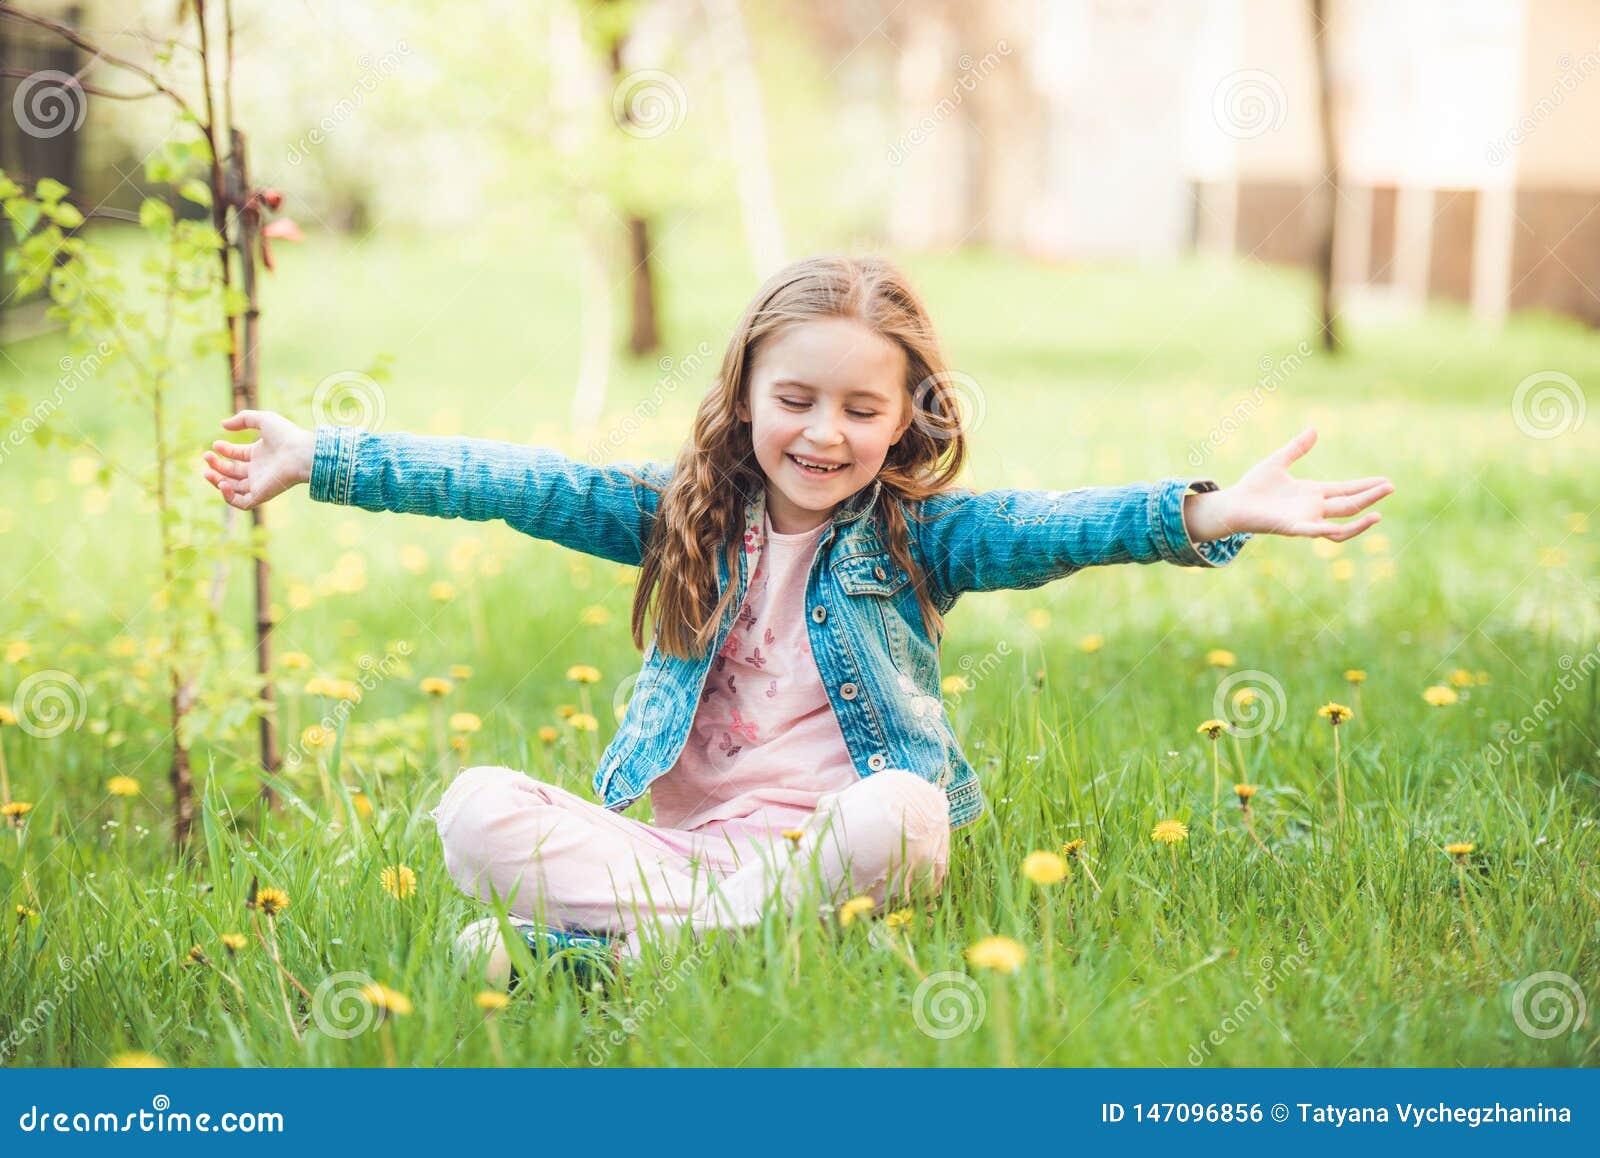 Menina preteen pequena que aprecia dias de verão